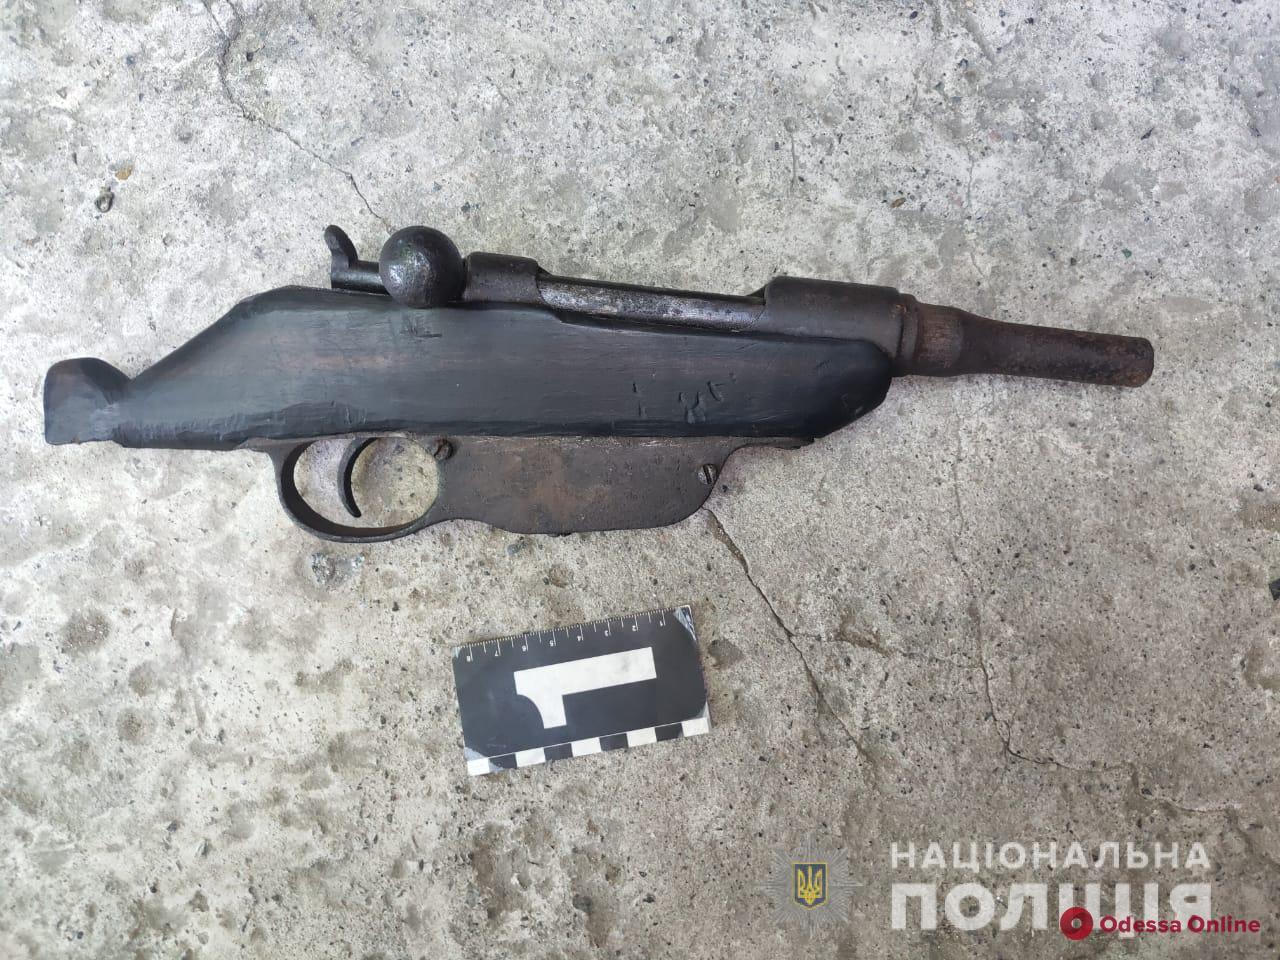 В Одесской области задержали пьяного вооруженного мужчину